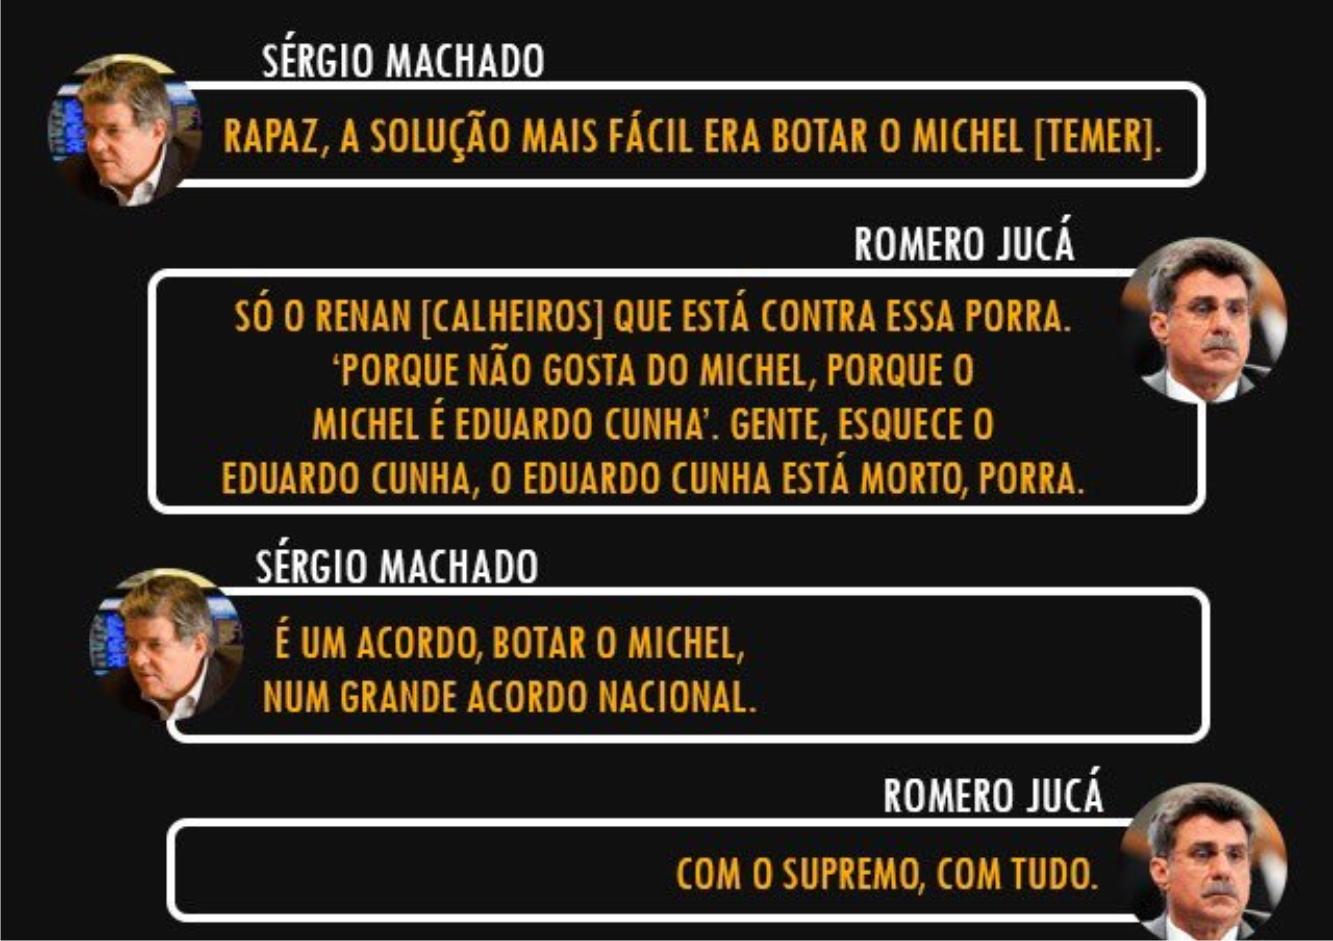 Resultado de imagem para Sérgio Machado E JUCÁ